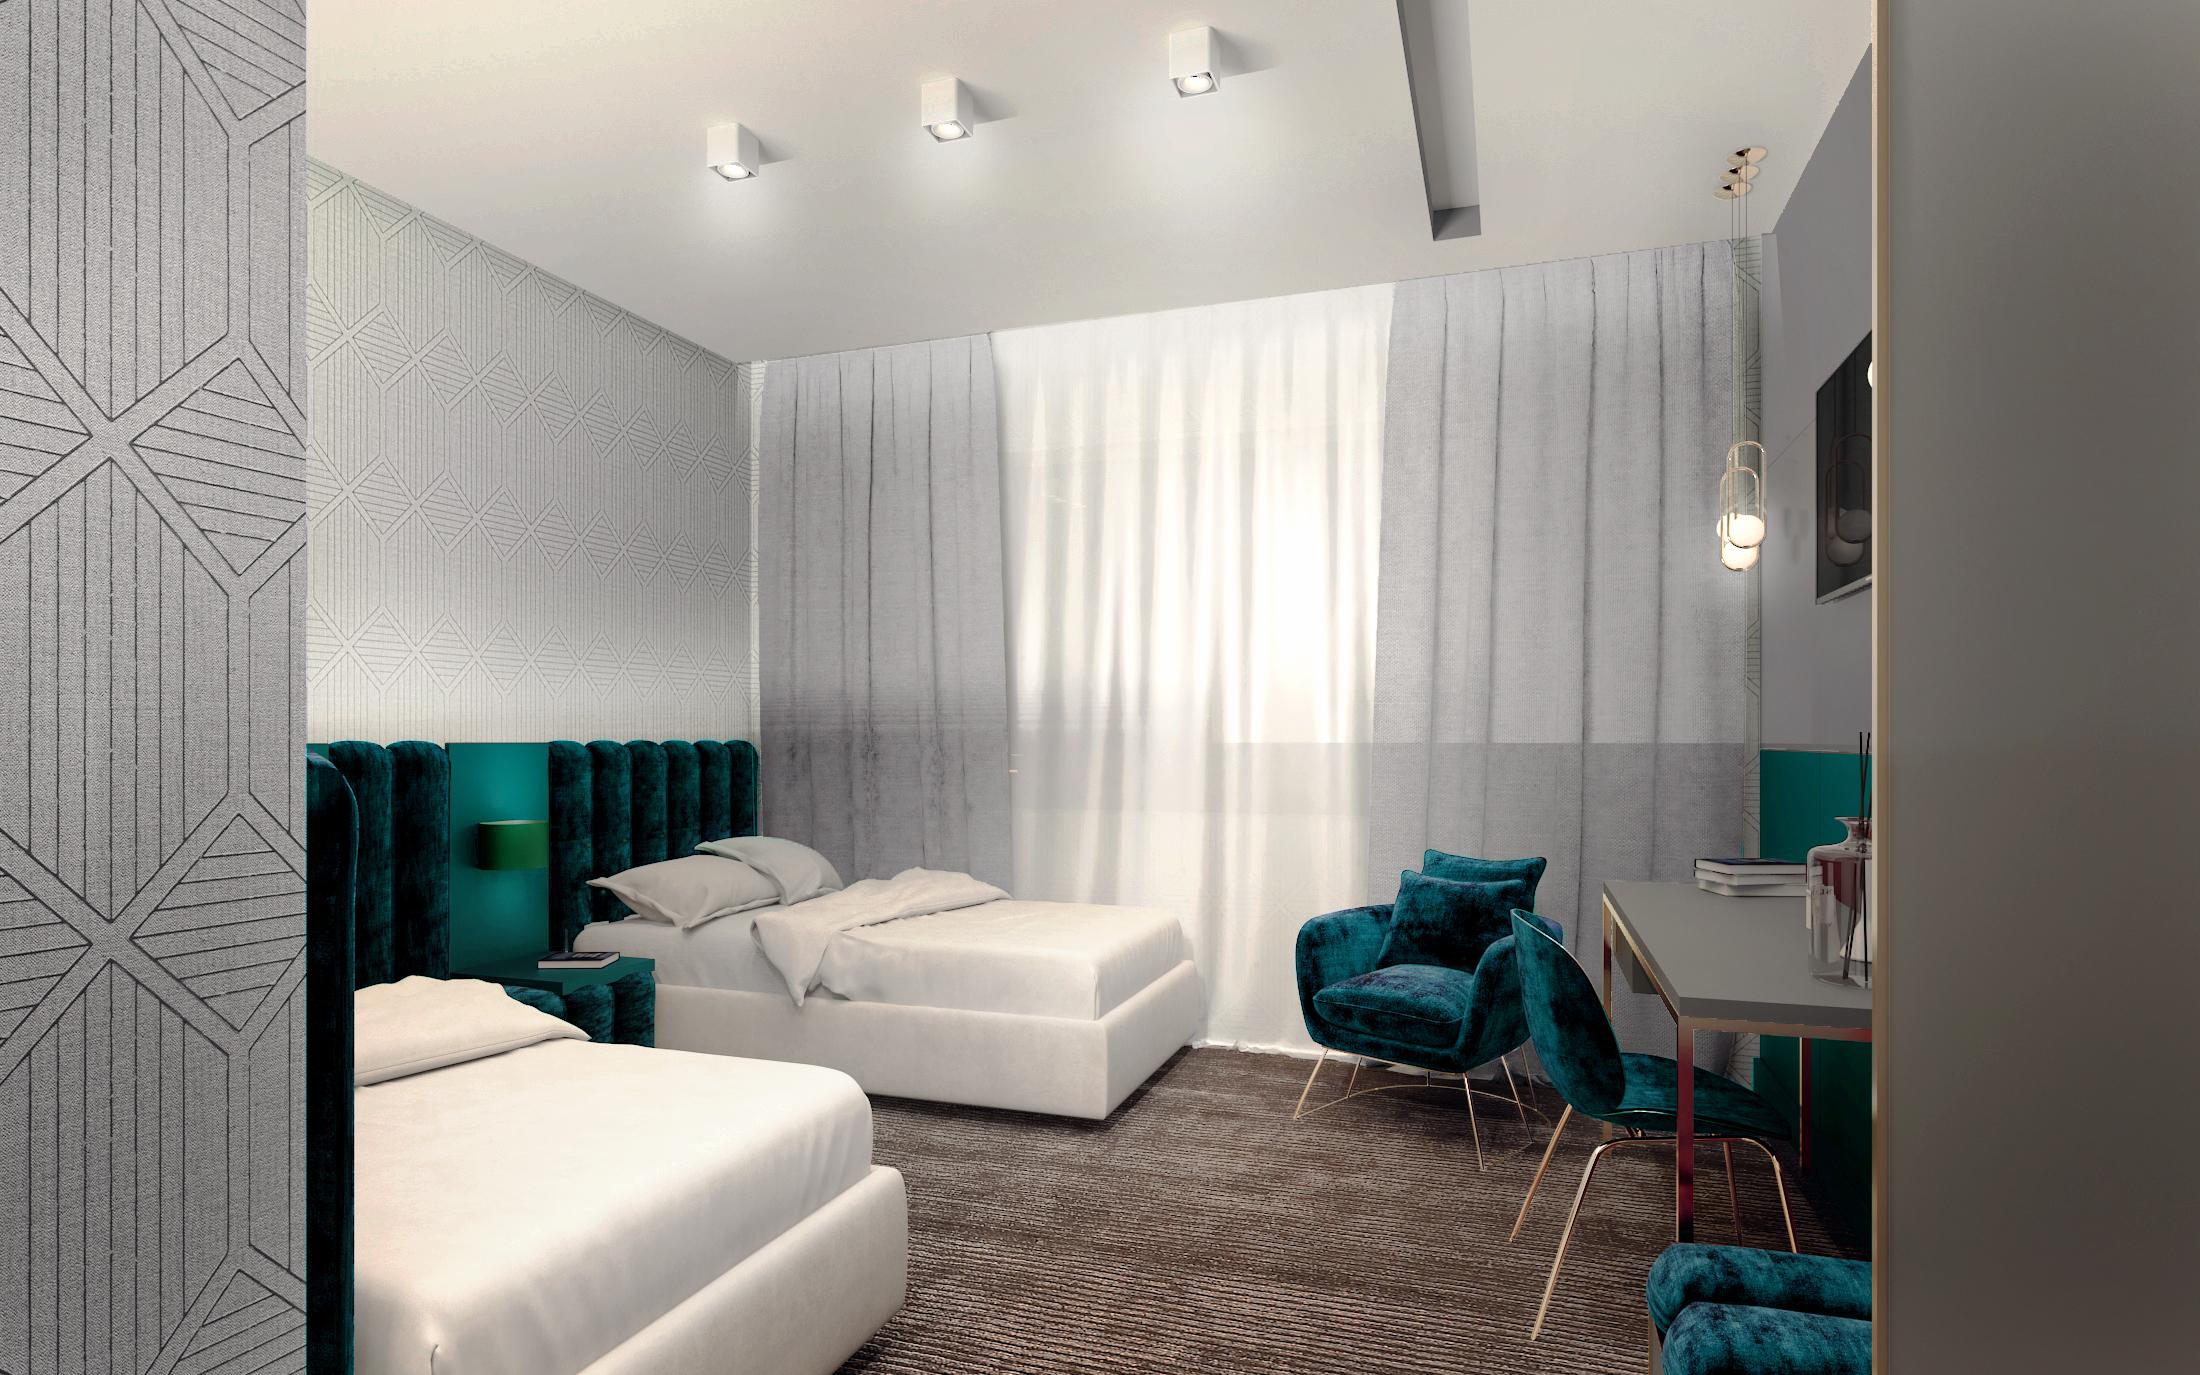 Pokój hotelowy w kolorze szmaragdowym ze złotymi elementami z dwoma łóżkami projektu BOHE Architektura